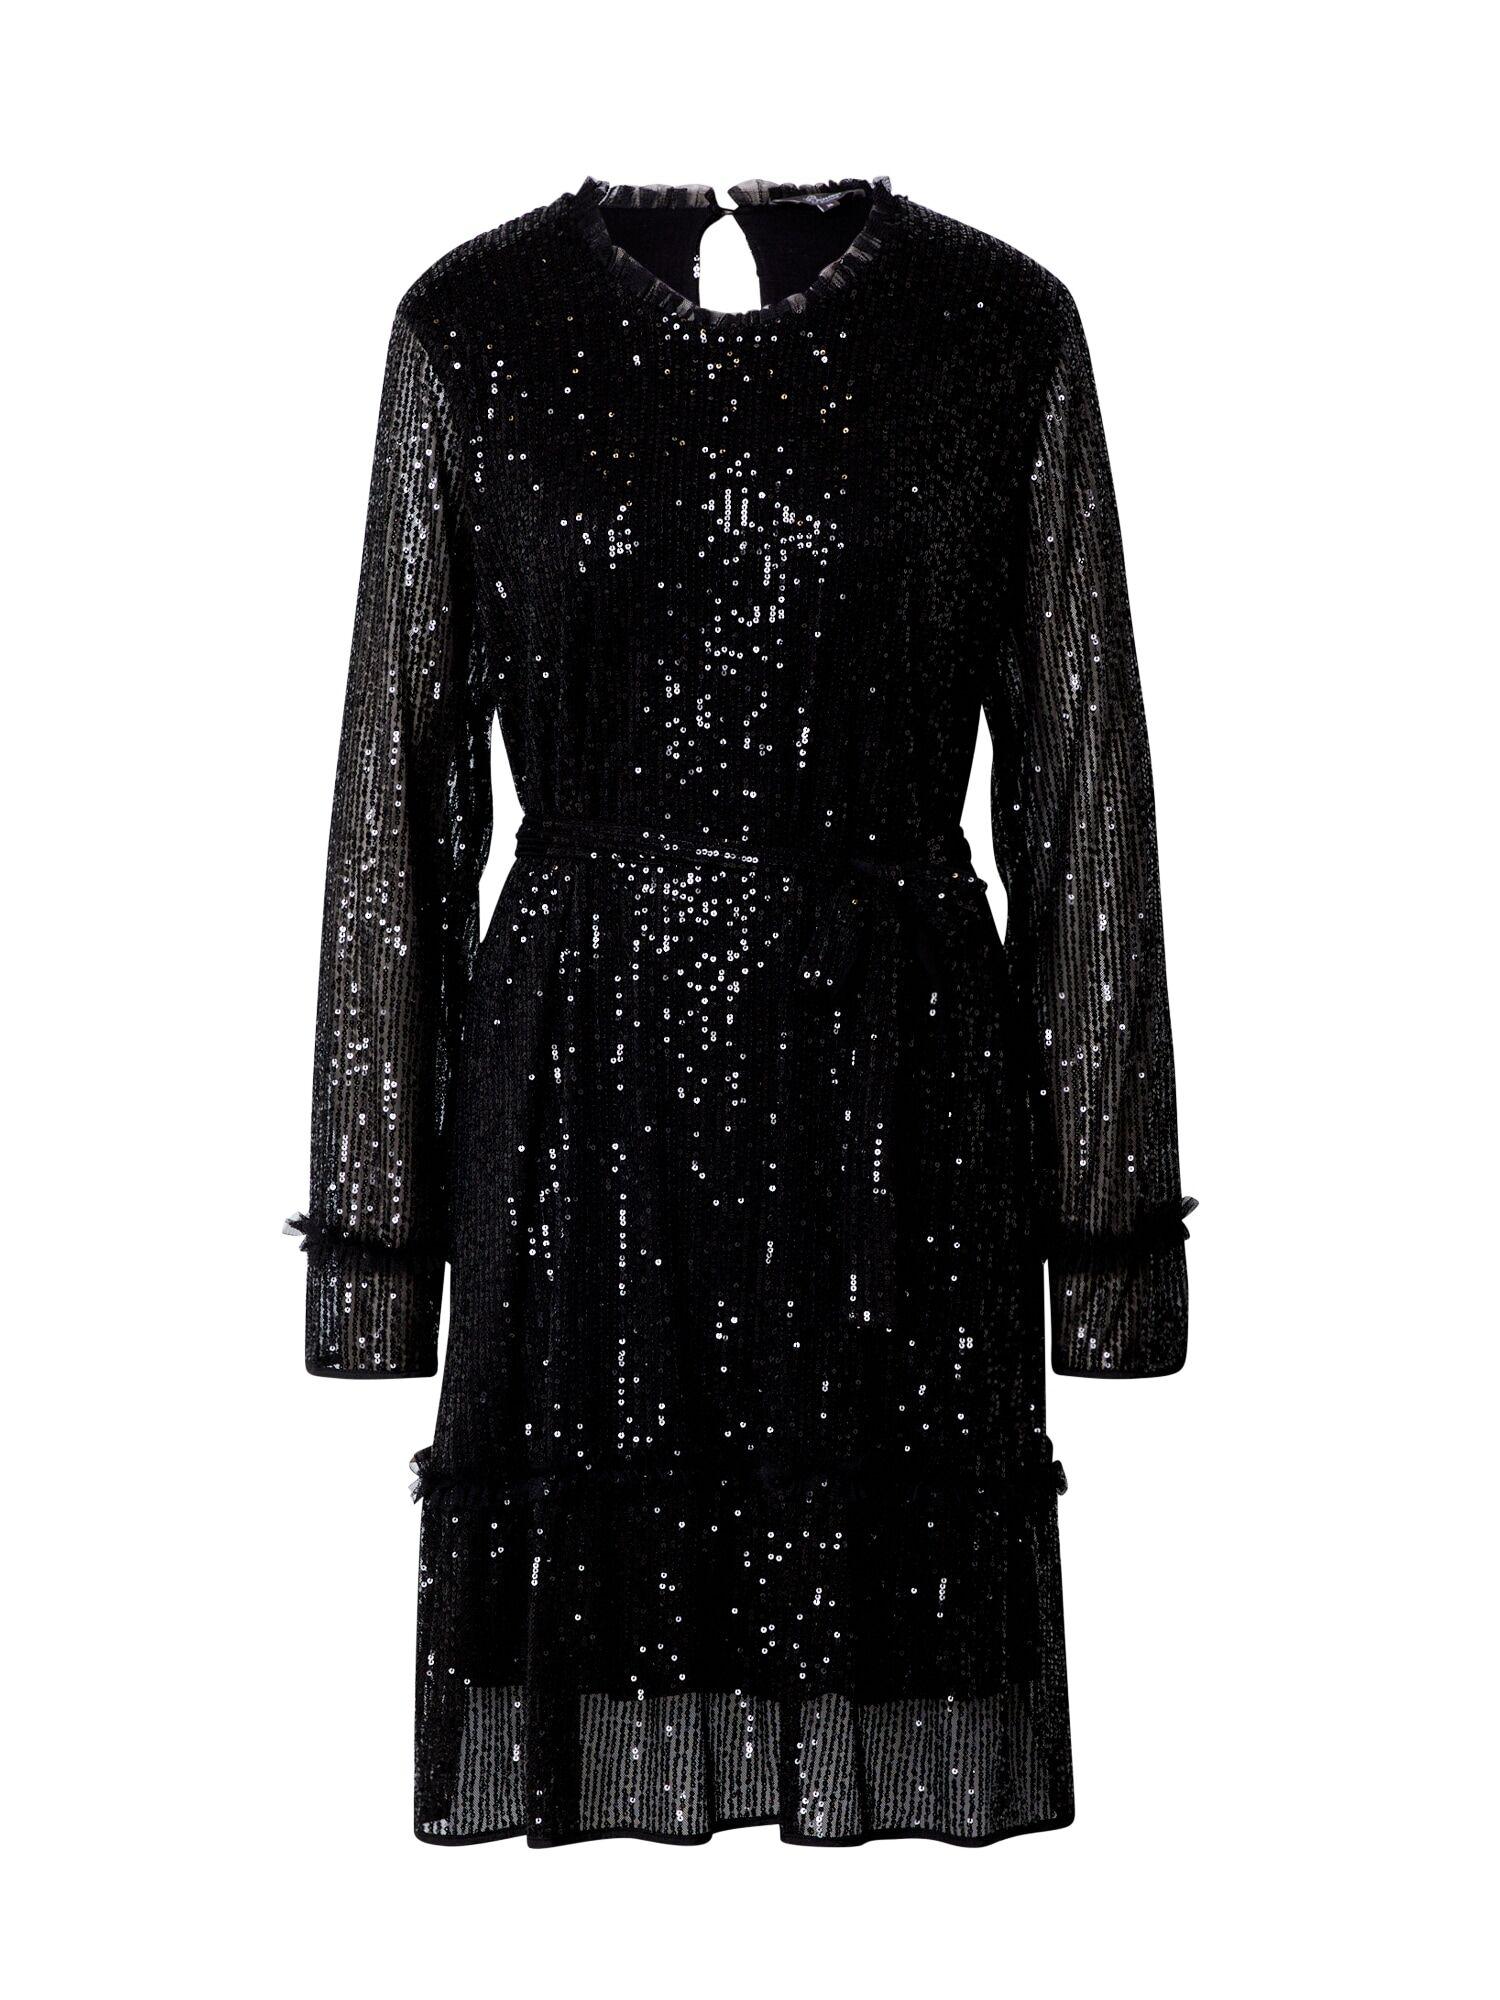 Princess Robe de cocktail 'Luxury'  - Noir - Taille: 40 - female